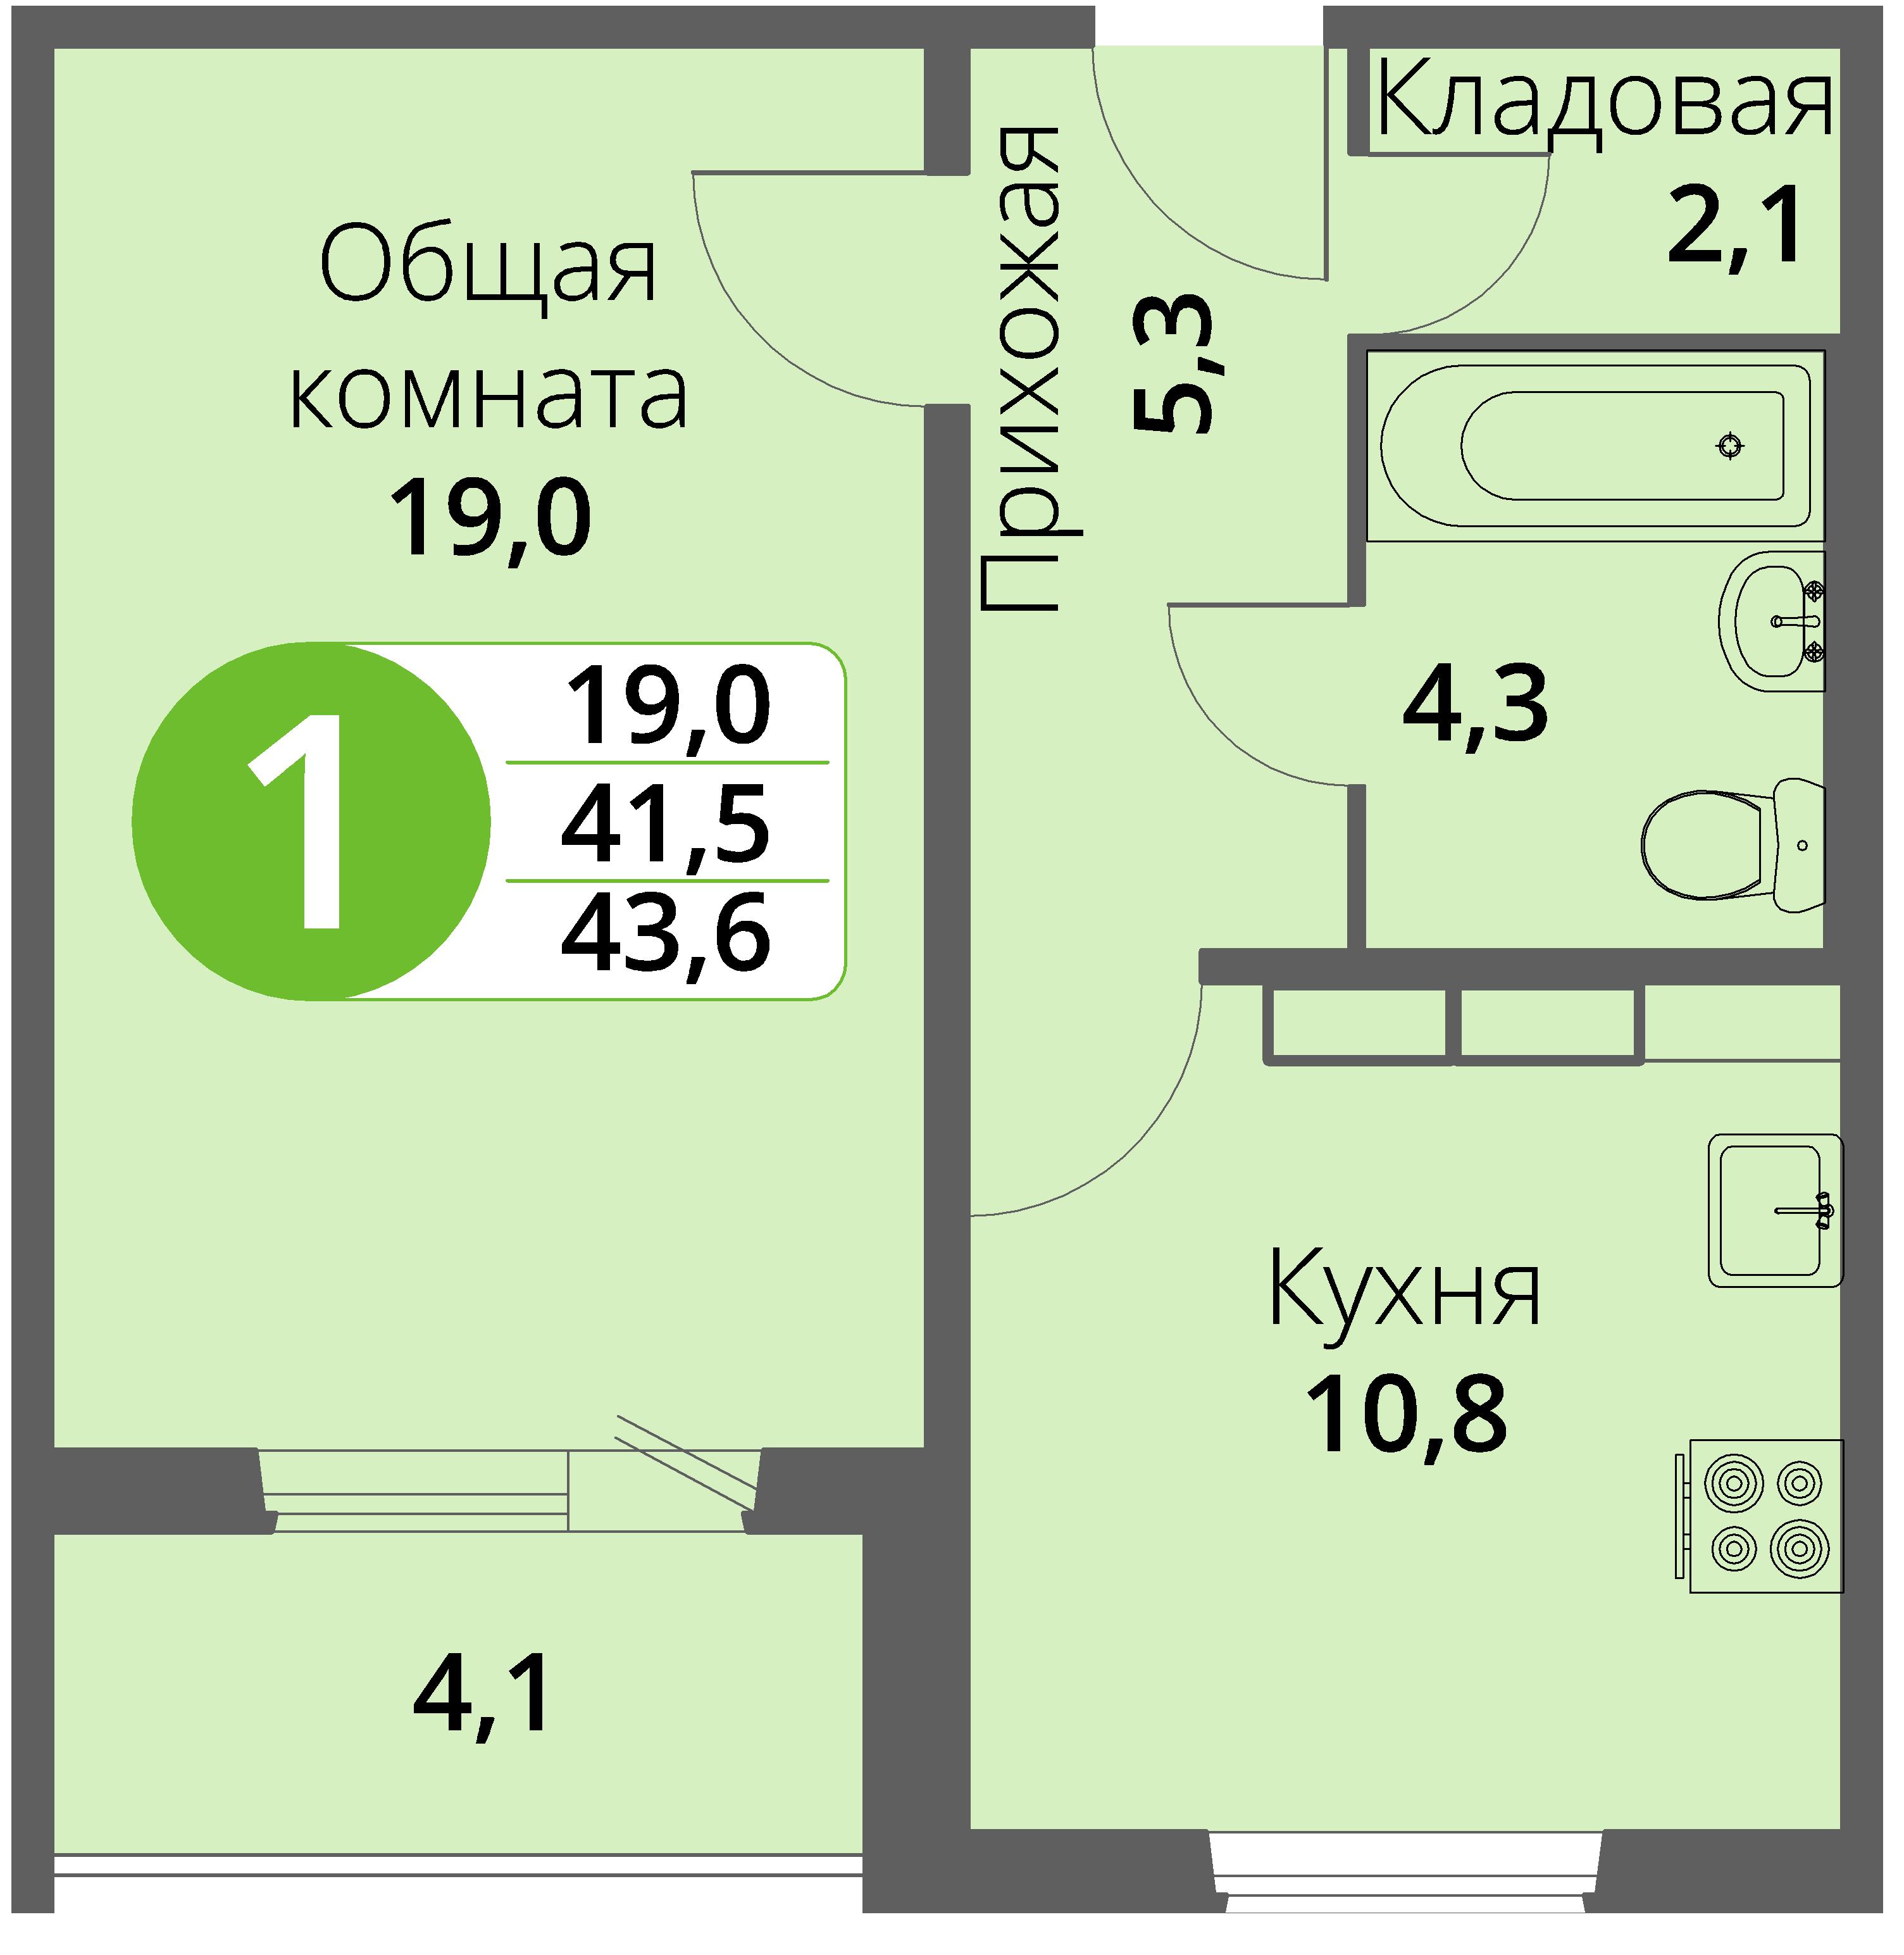 Зареченская 1-1, квартира 34 - Однокомнатная